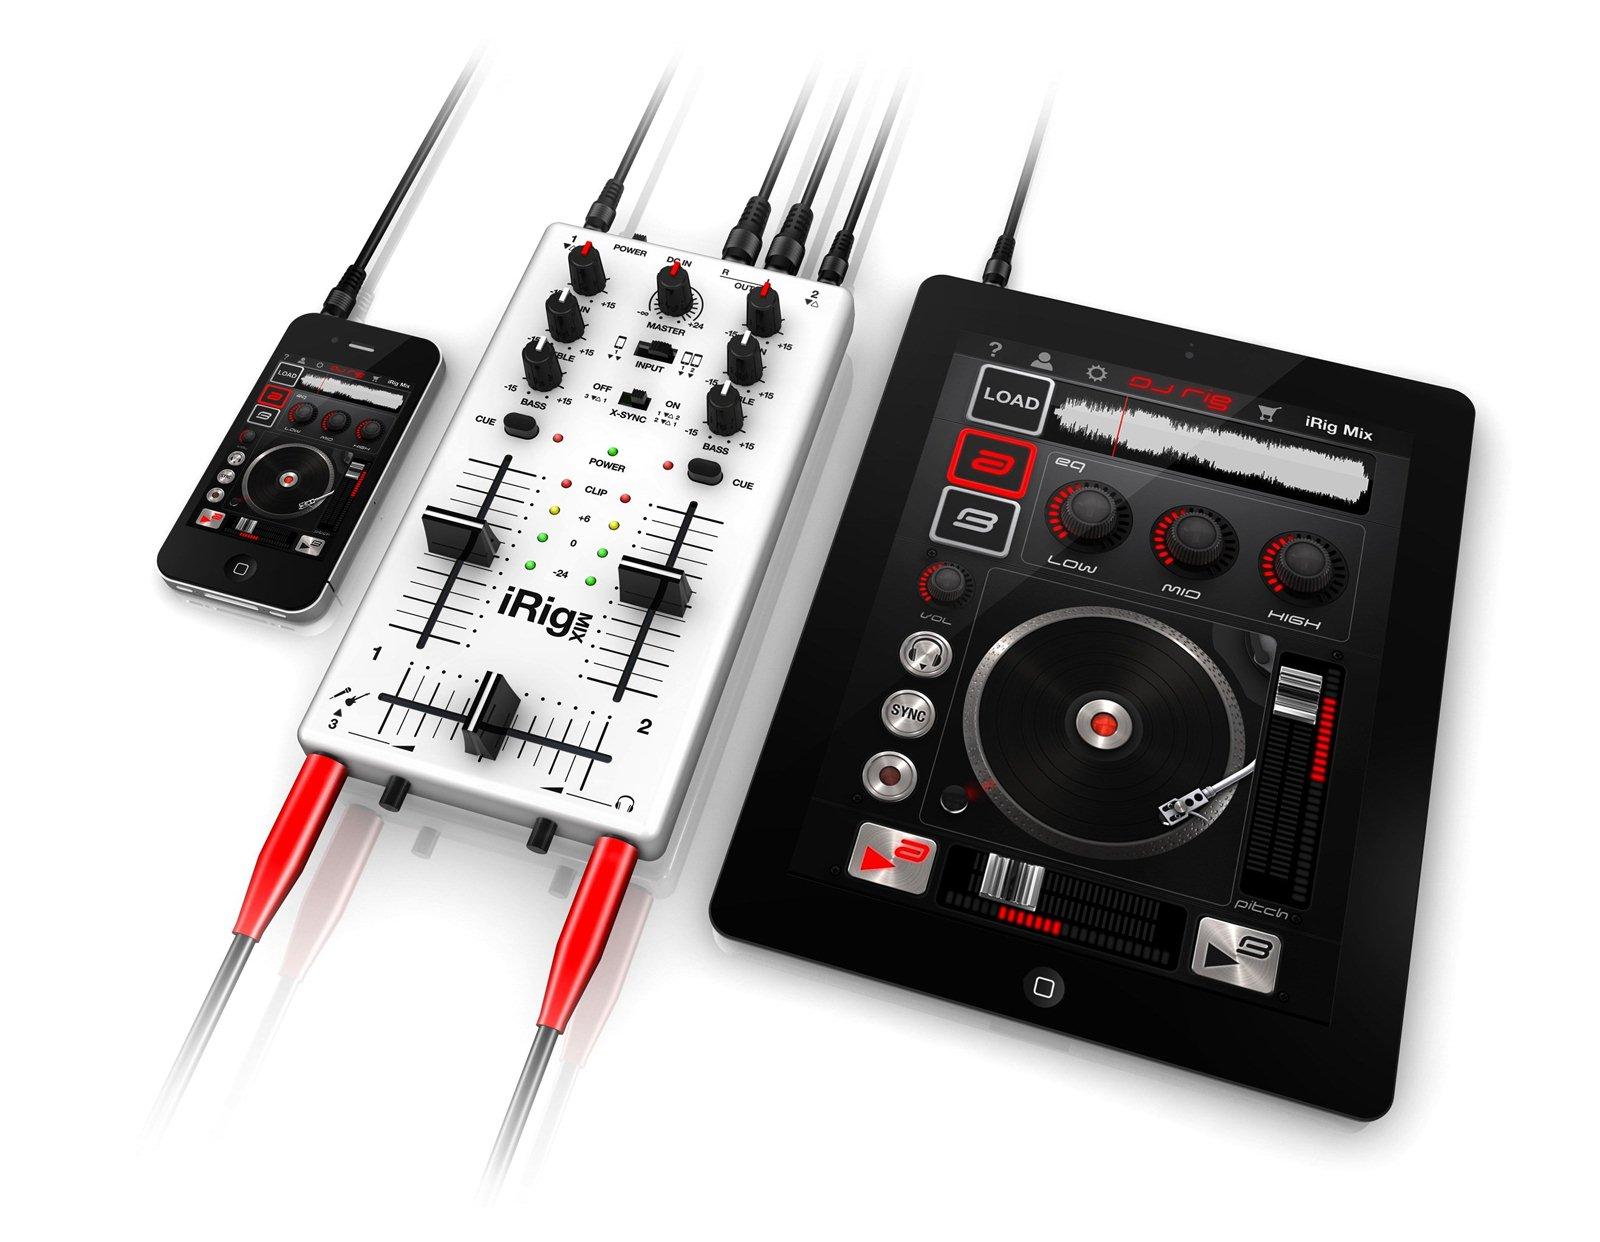 视频 ipad/IK多媒体自豪的向大家介绍我们2012年1月首发的新品iRigMIX...